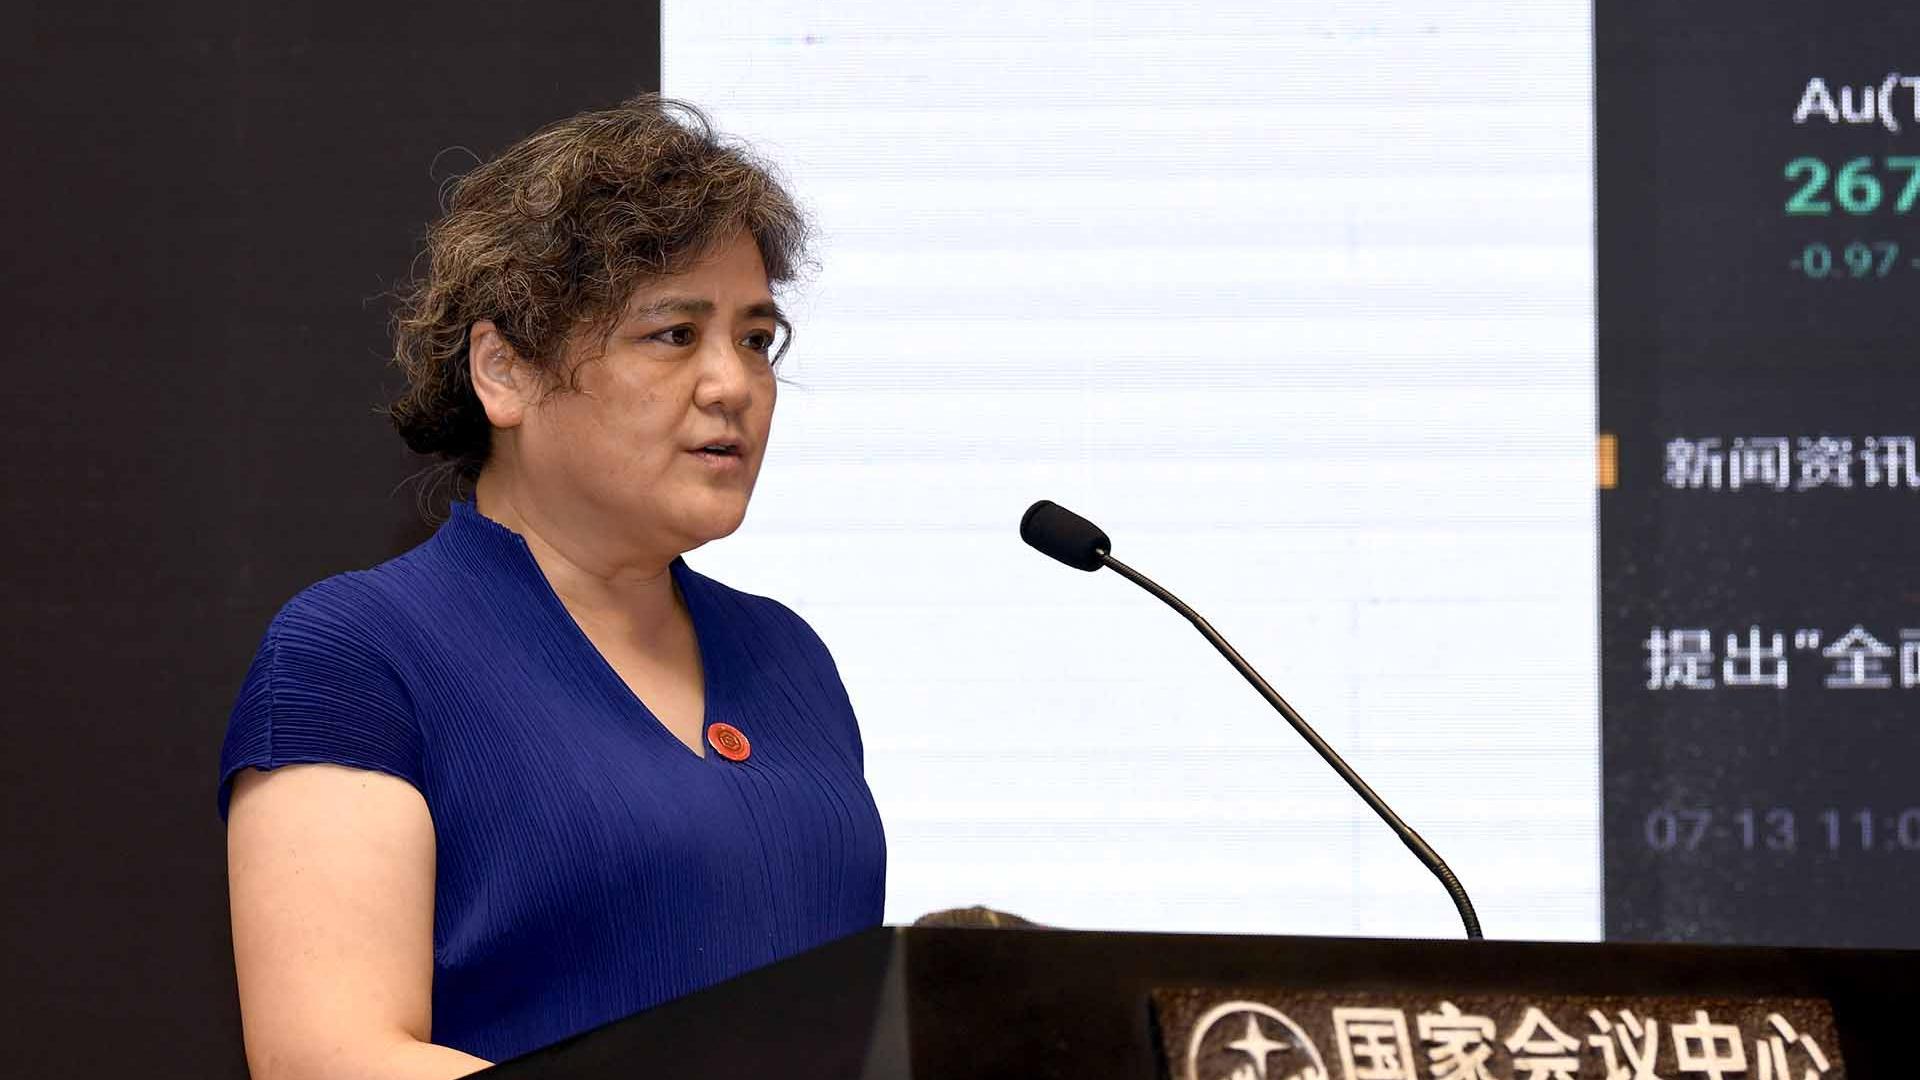 上海黄金交易所研究总监张爱农致辞